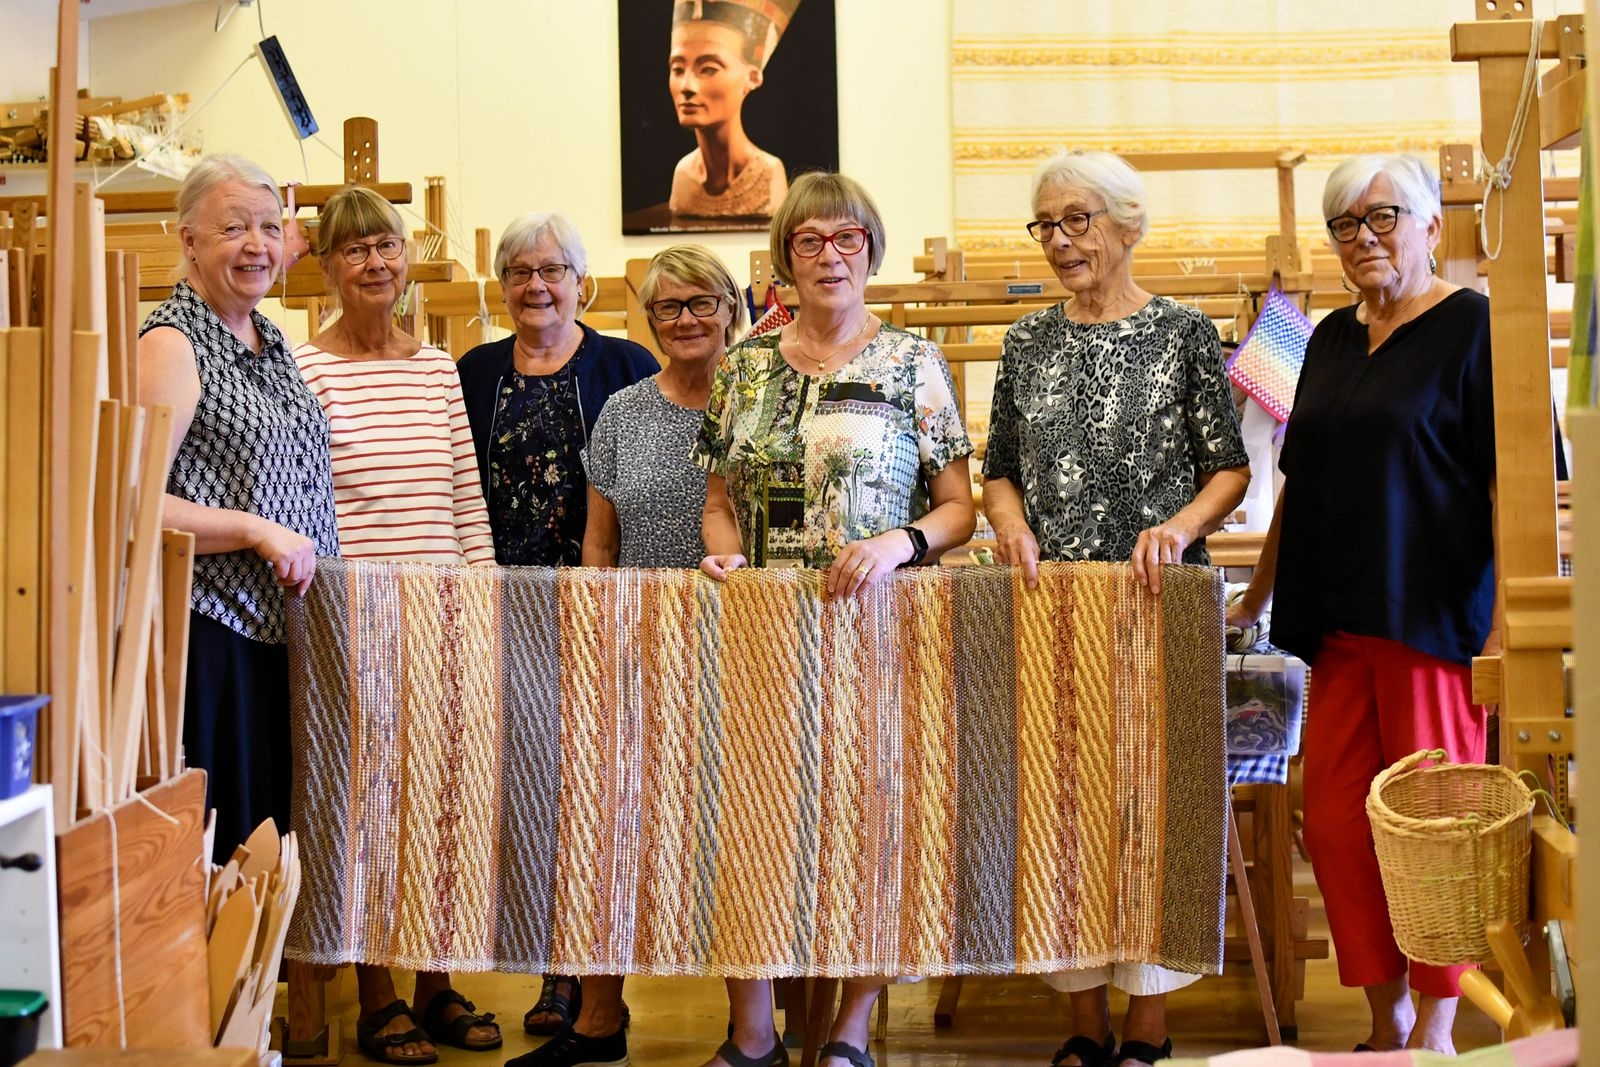 Maria Skarped, Gunilla Boström, Lisbeth Winqvist Nilsson, Eva Olsson, Britt Bengtsson, Gunborg Nilsson och Margaretha Bladh är sex av föreningens sexton medlemmar.